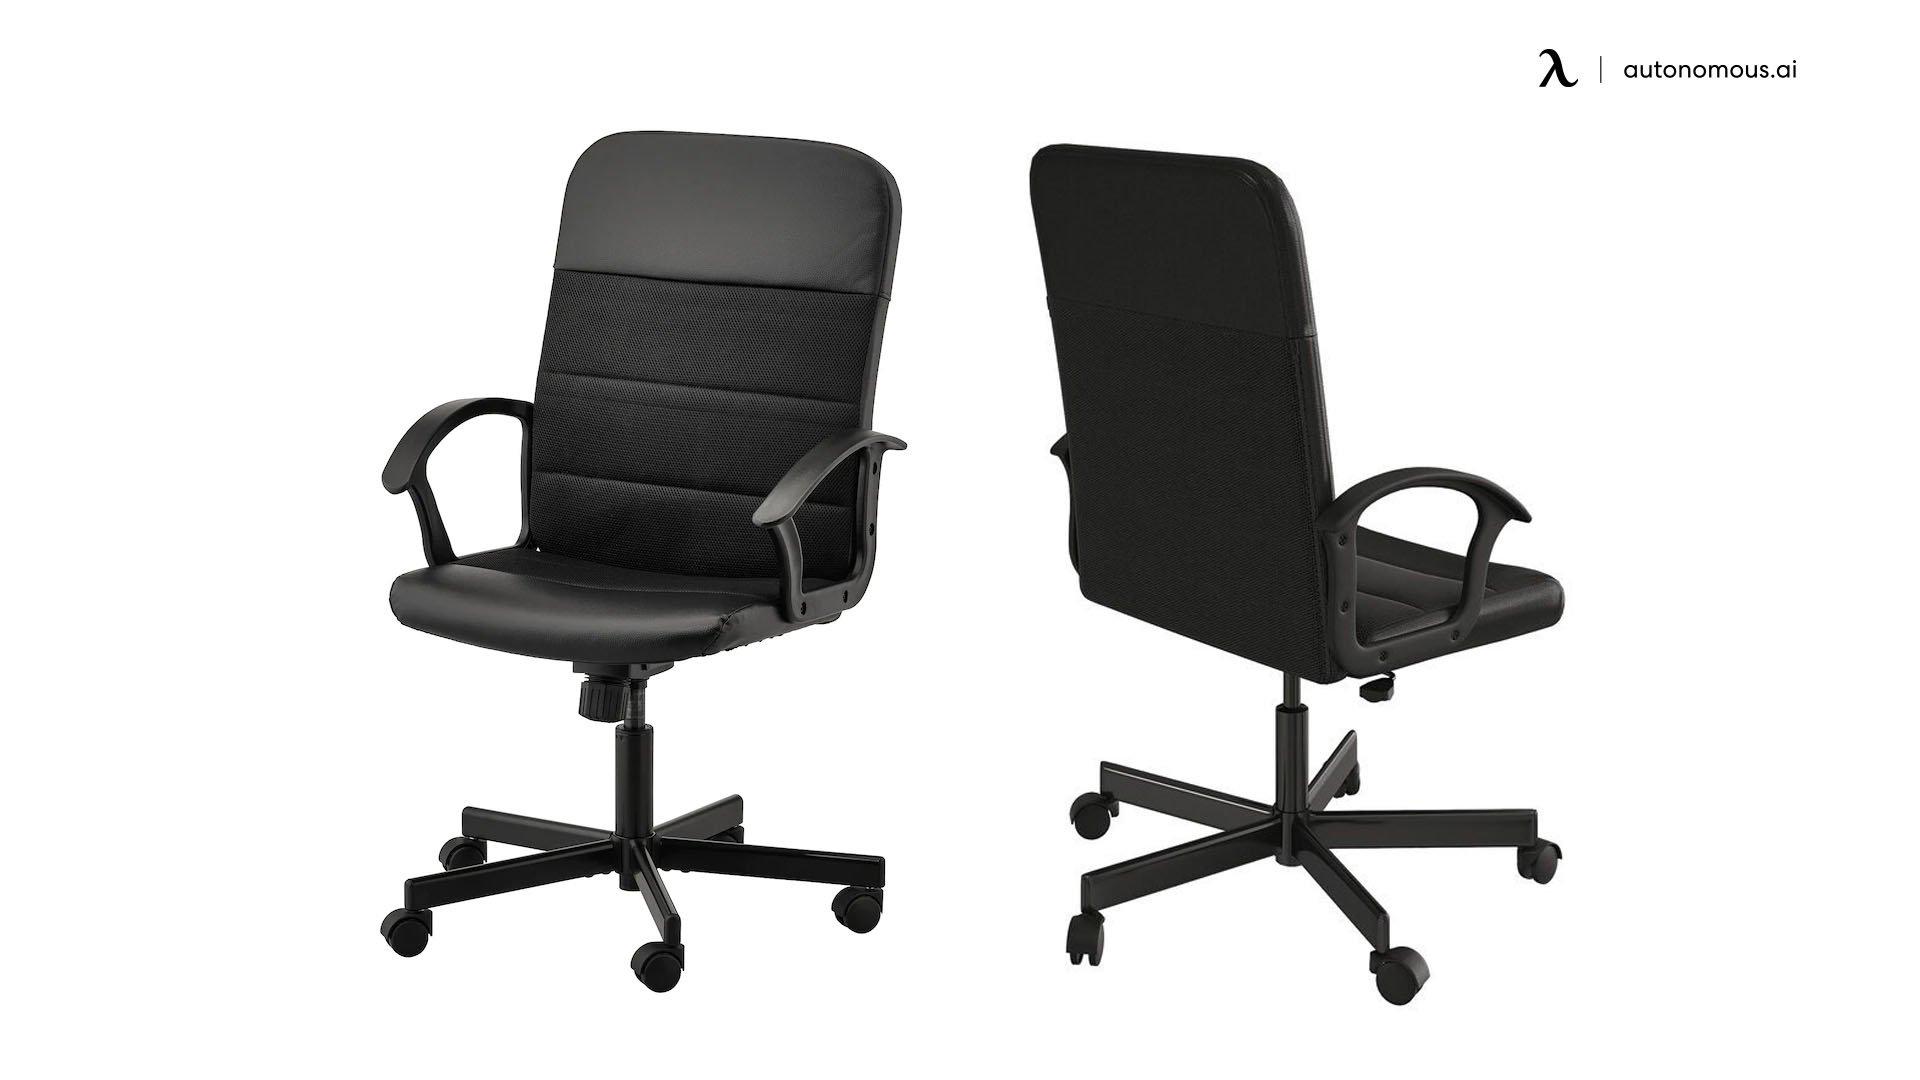 IKEA Renberget Swivel Chair